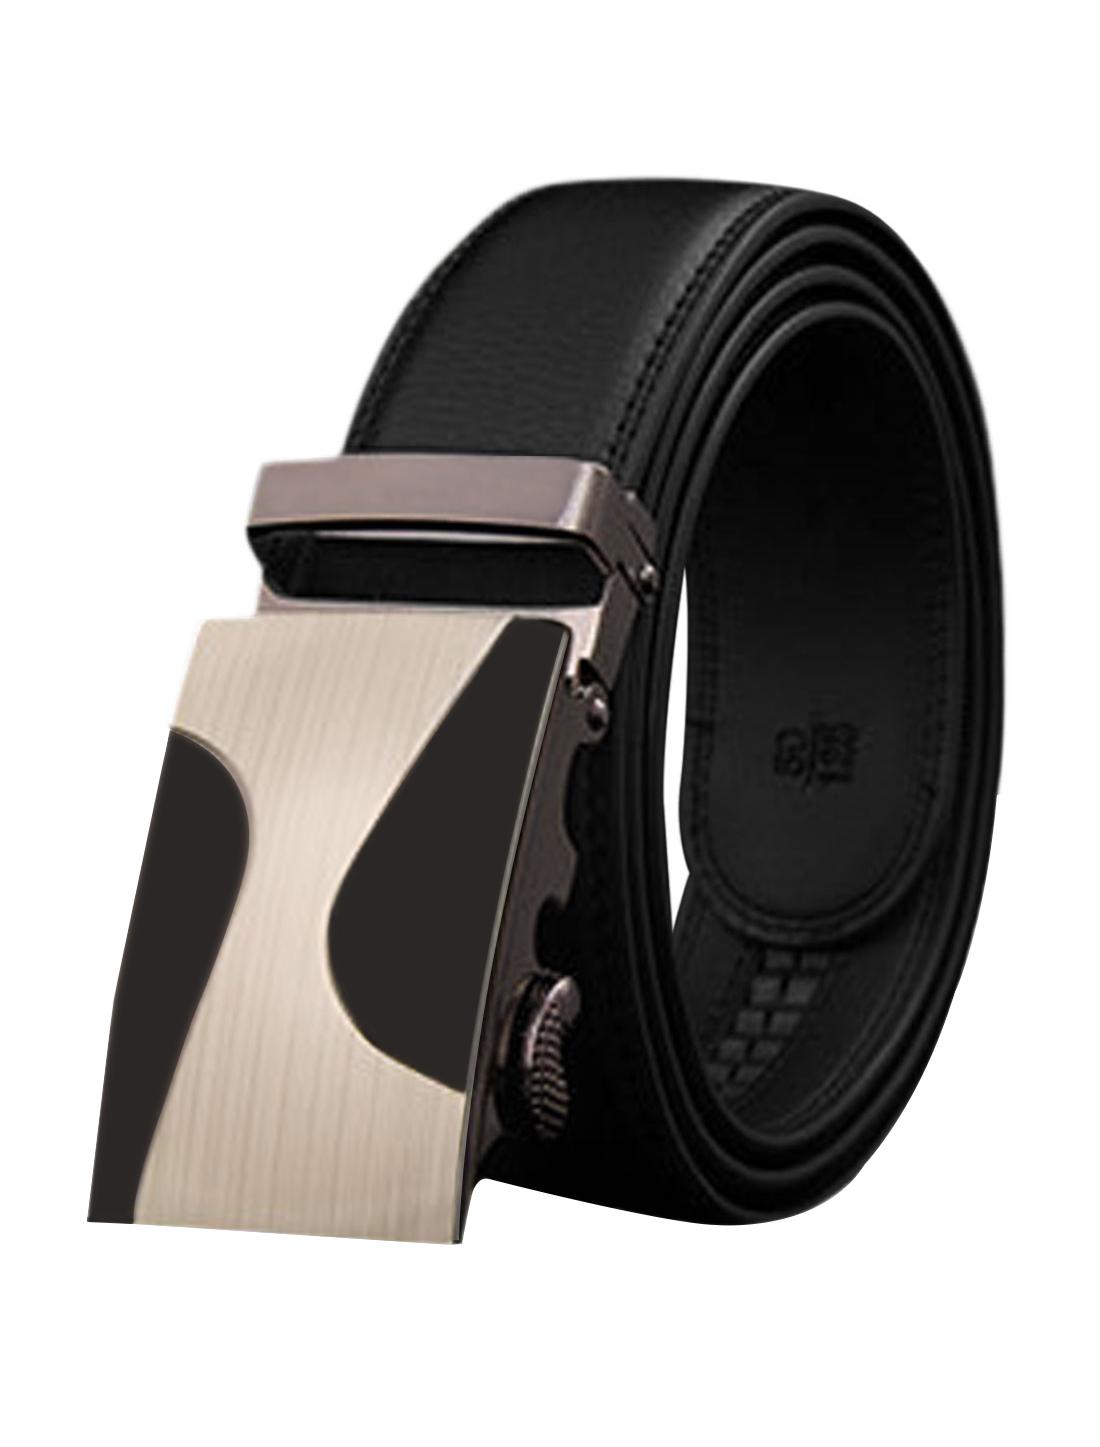 Man Slide Buckle Adjustable Holeless PU Ratchet Belt Black 115CM